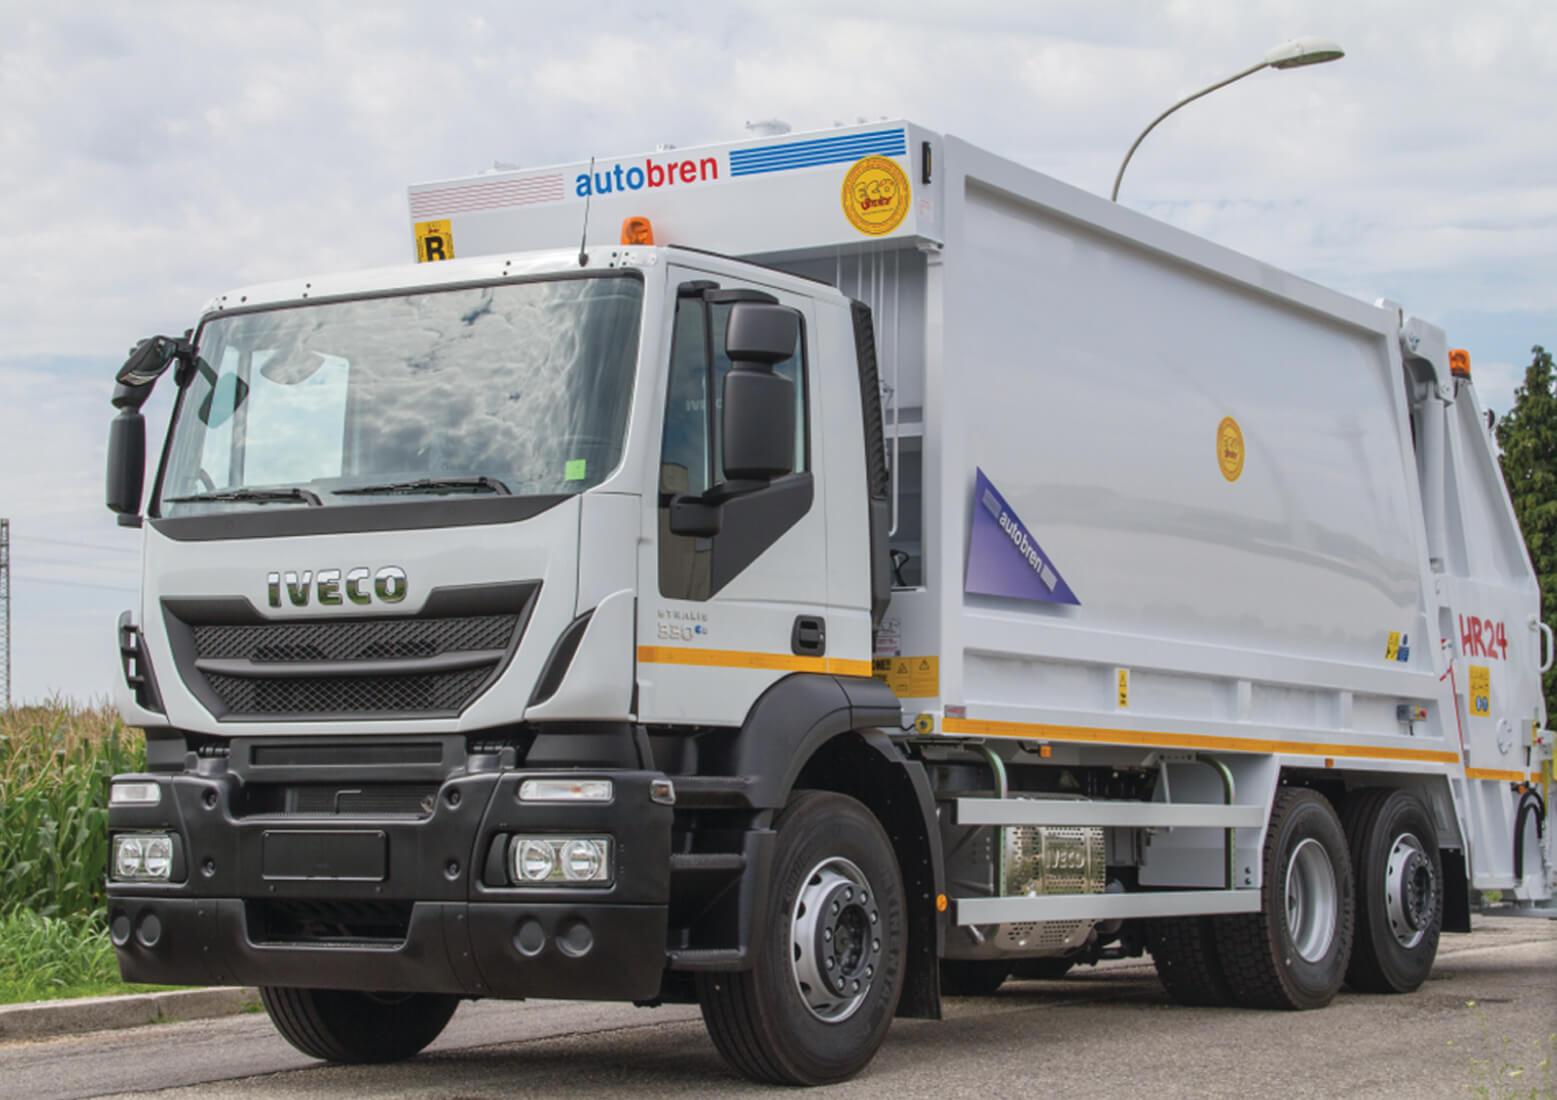 Tecno Win, Kamionske čistilice namjenjene su radu u teškim uvjetima te se koriste pri čišćenju pista u zračnim lukama, javnim prometnicama, parkiralištima te ostalim industrijskim i javnim površinama, auto bren